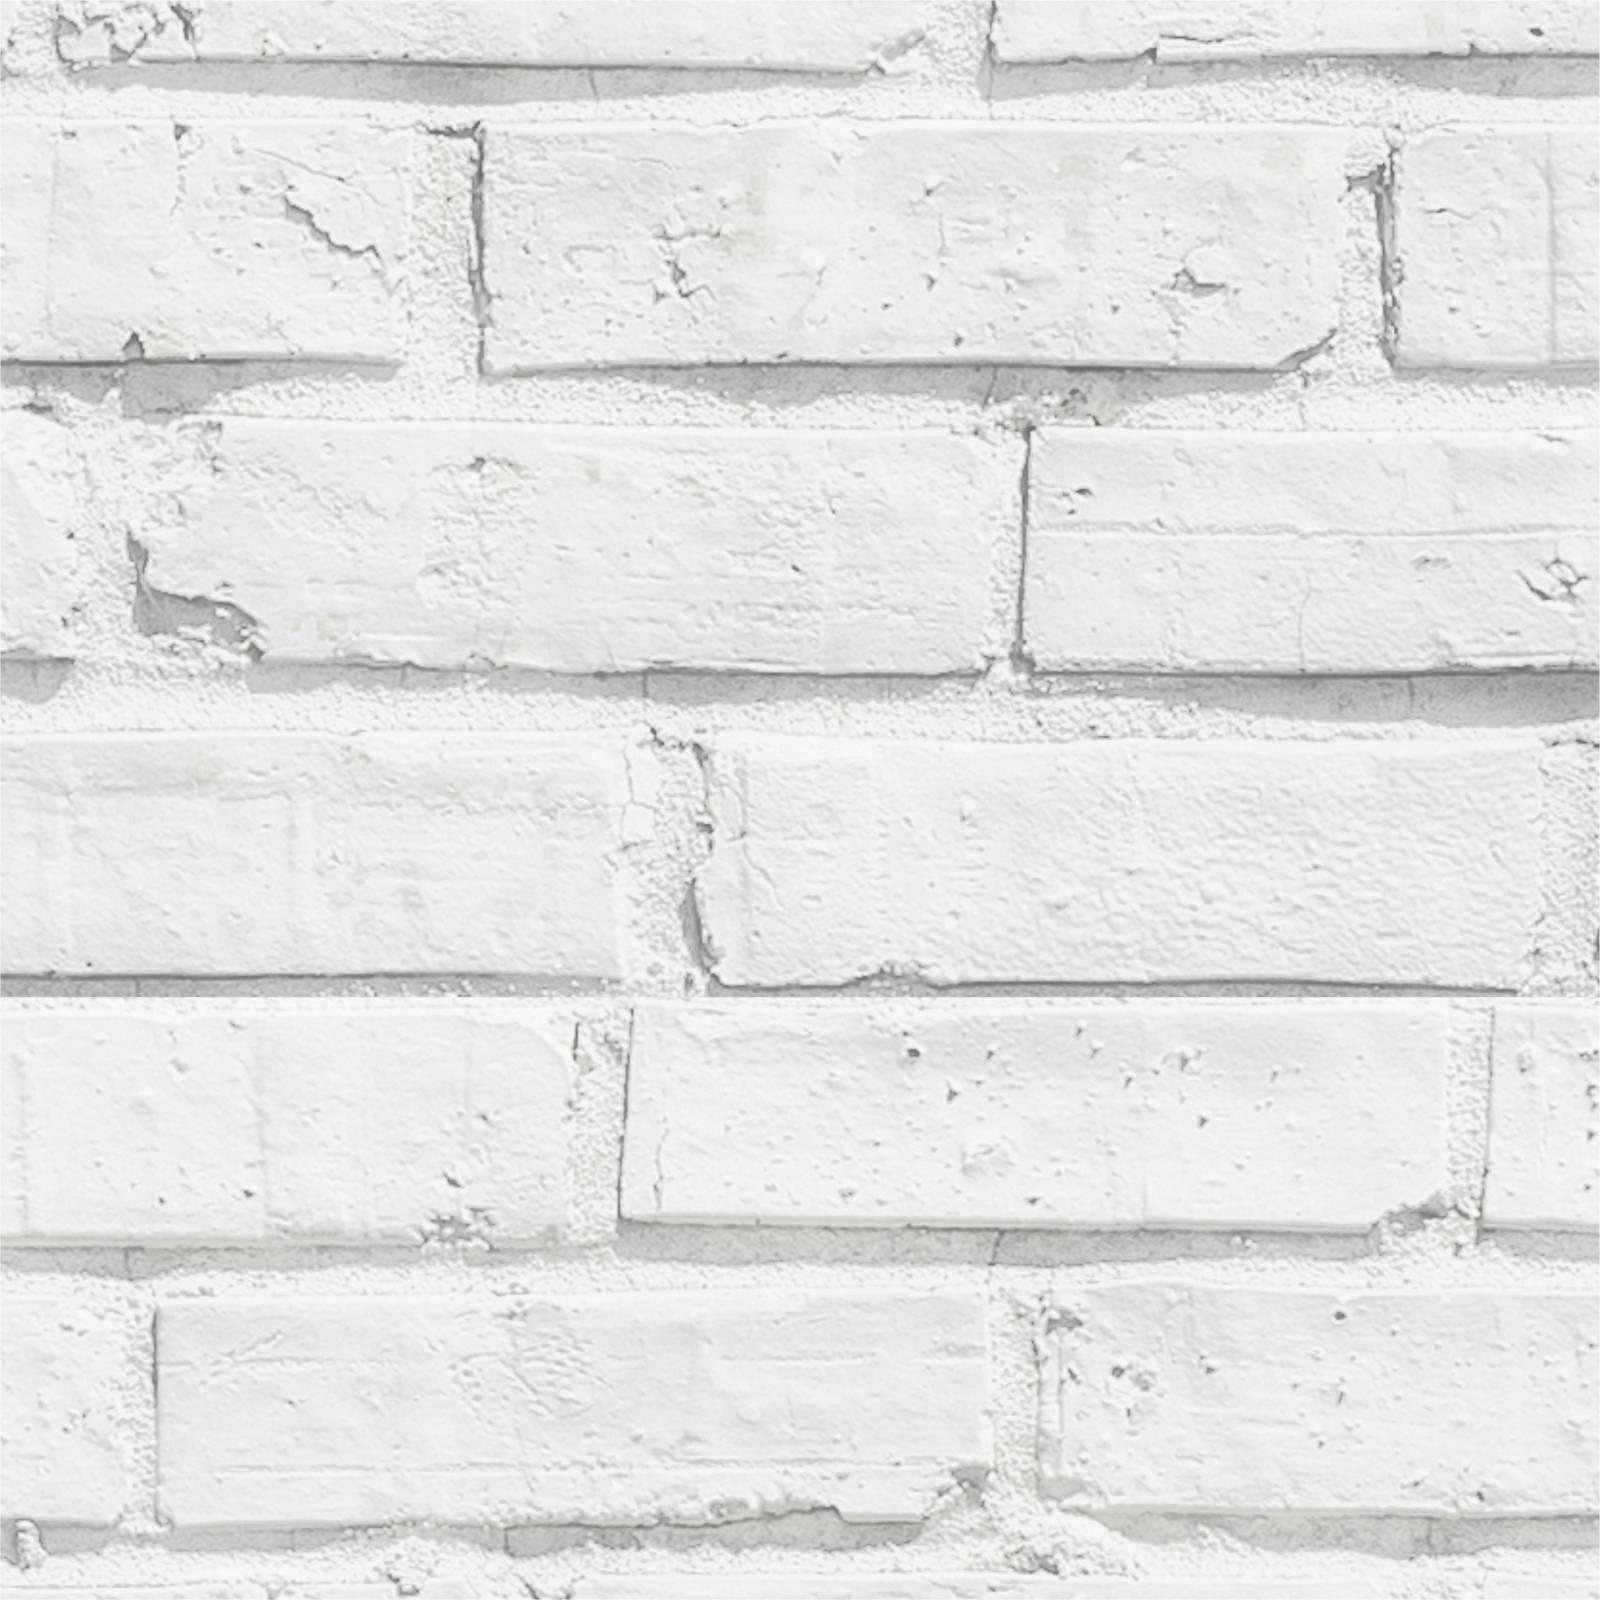 Papel de Parede Tijolinho Branco | Adesivo Vinilico imagem 2